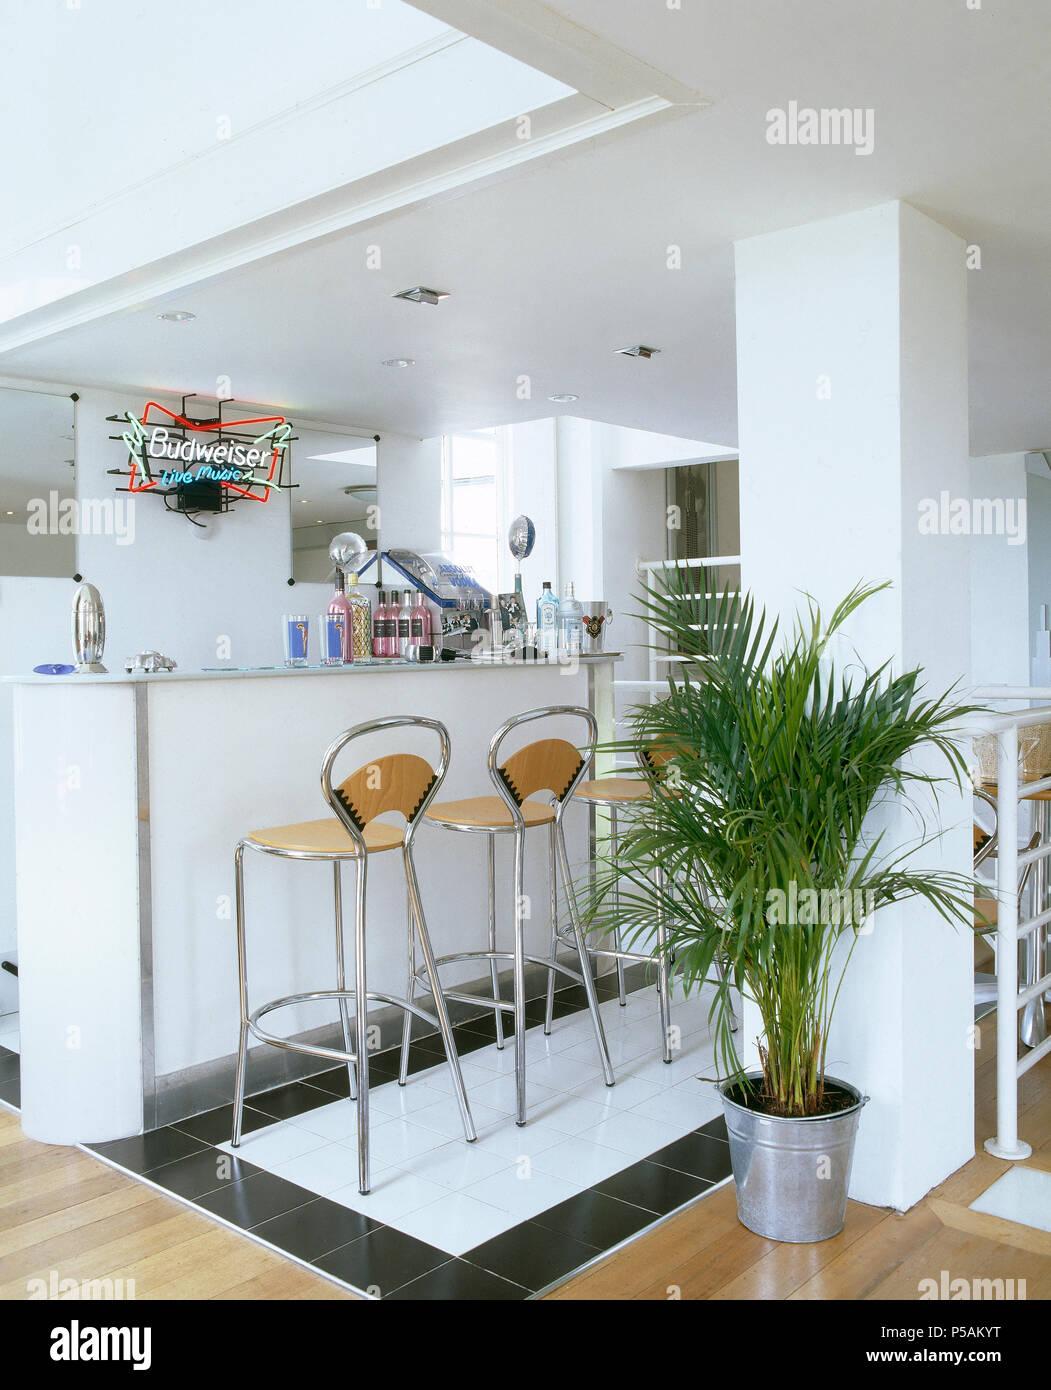 lisez à propos de potted palm dans la cuisine moderne avec bar pour